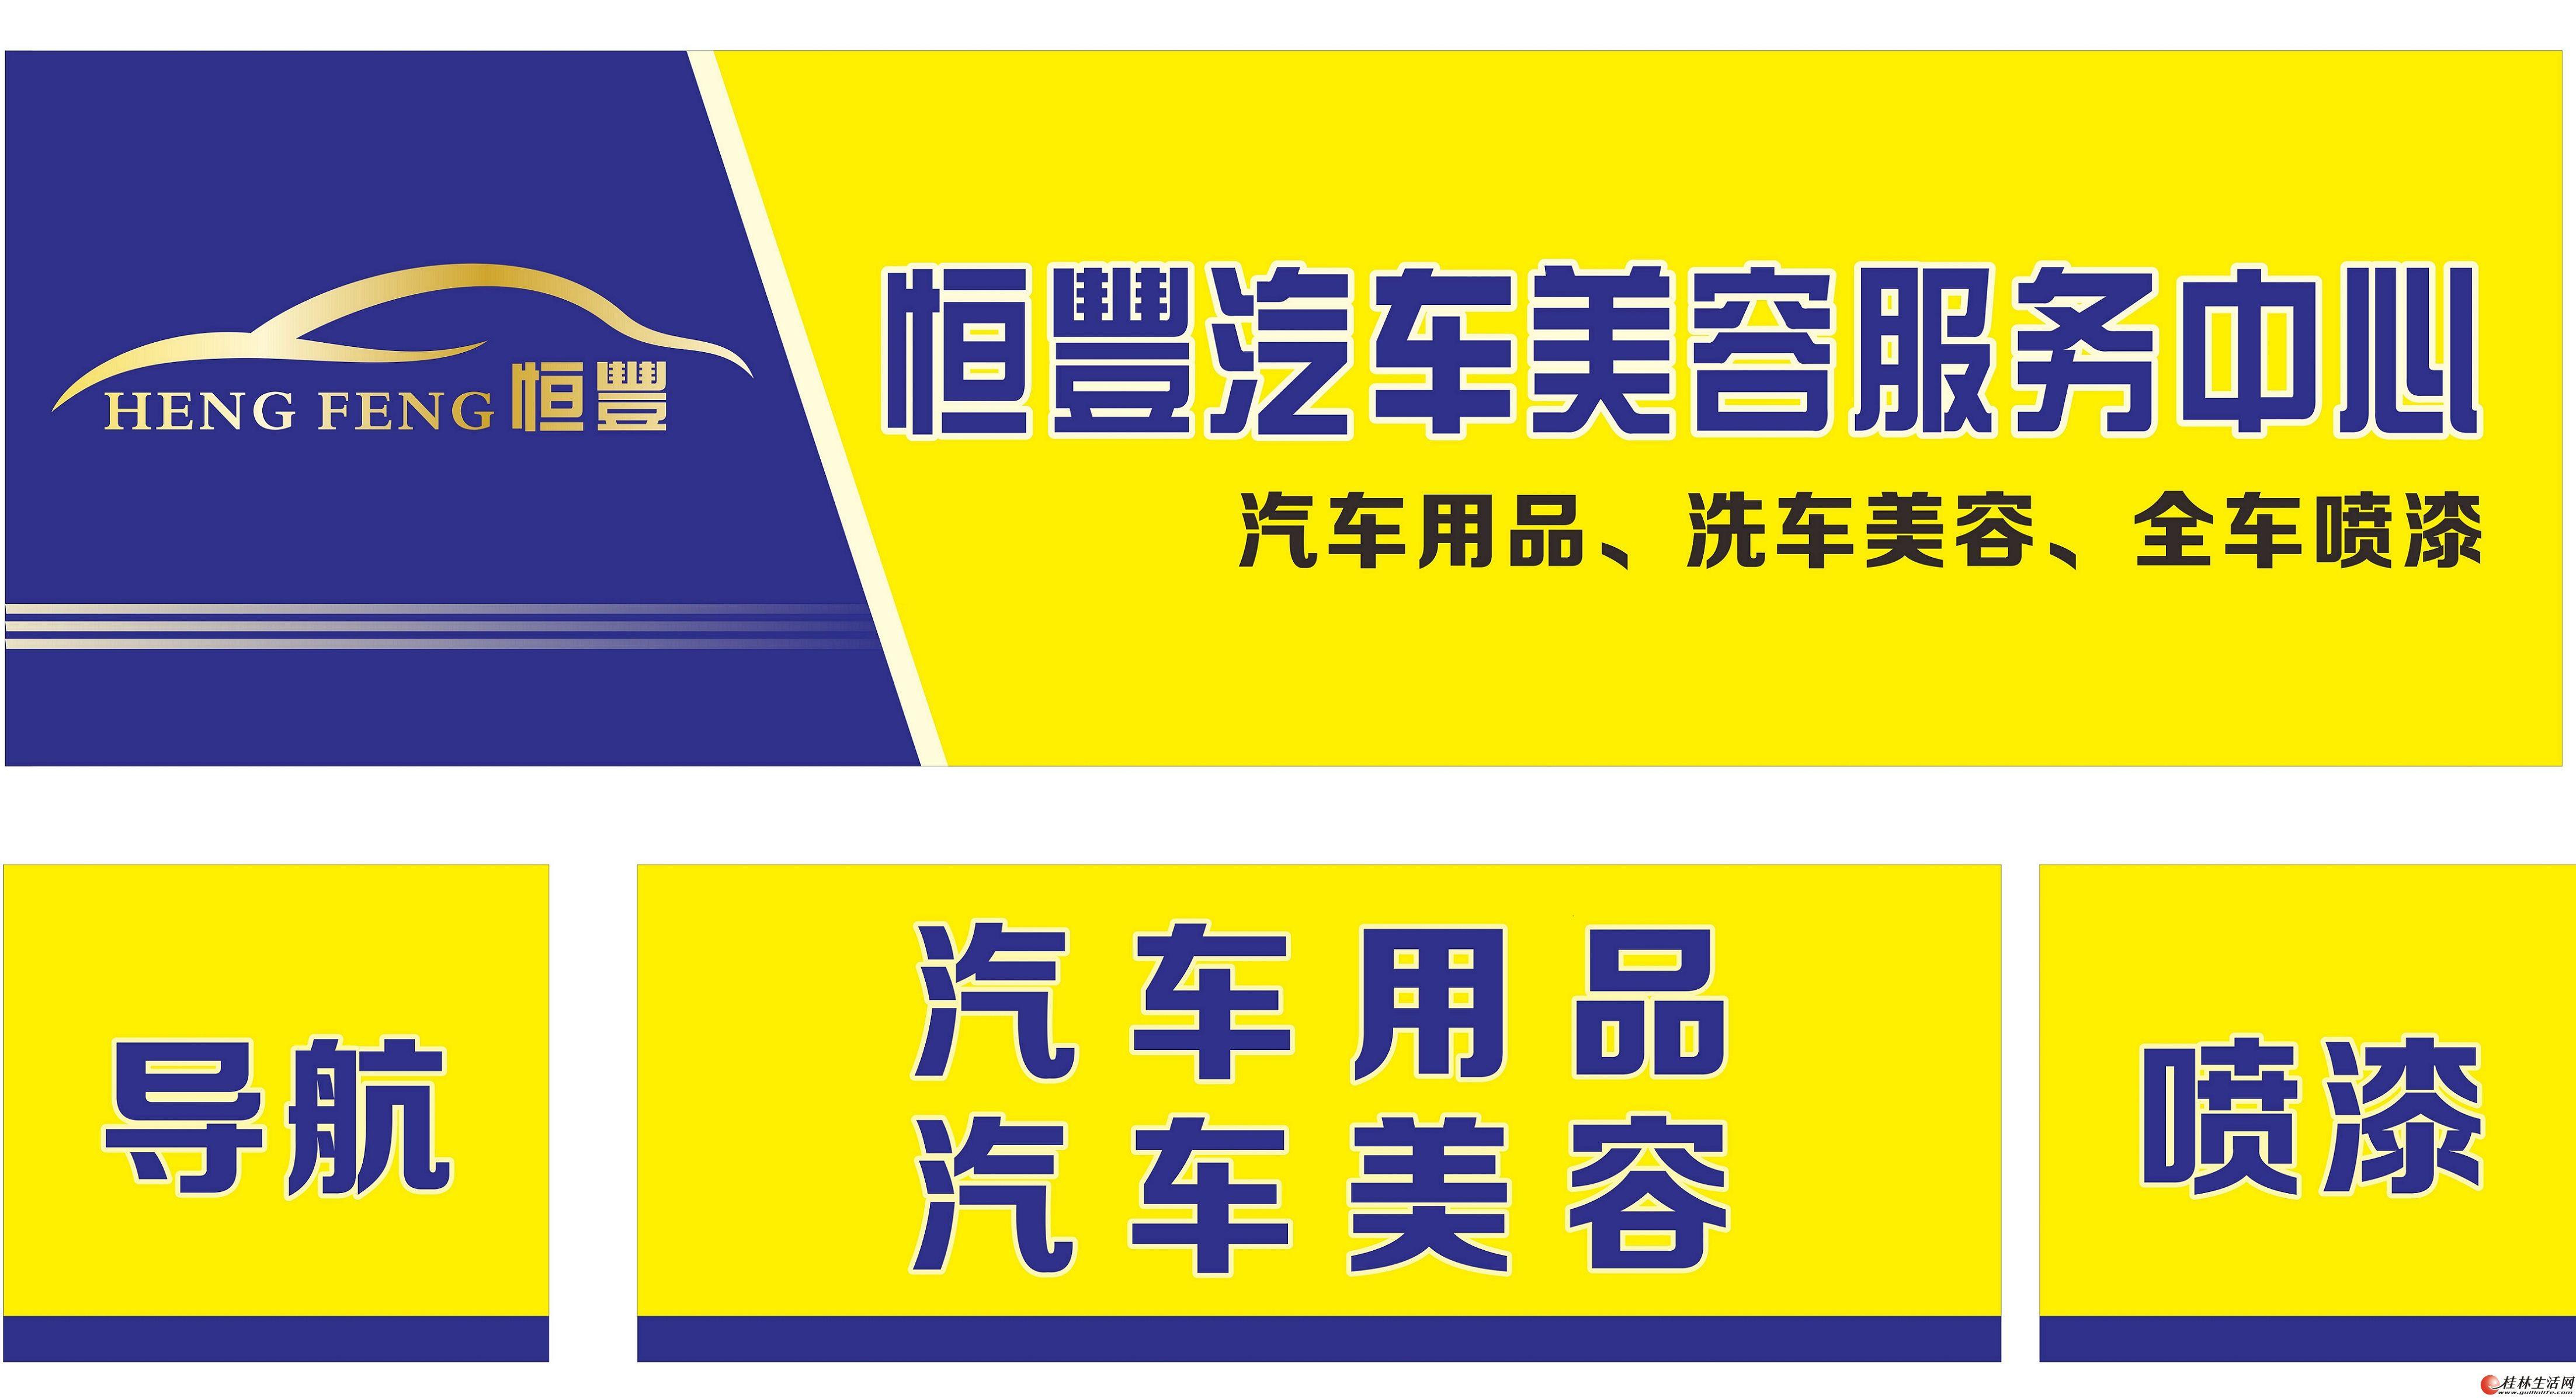 桂林恒豐汽车服务中心